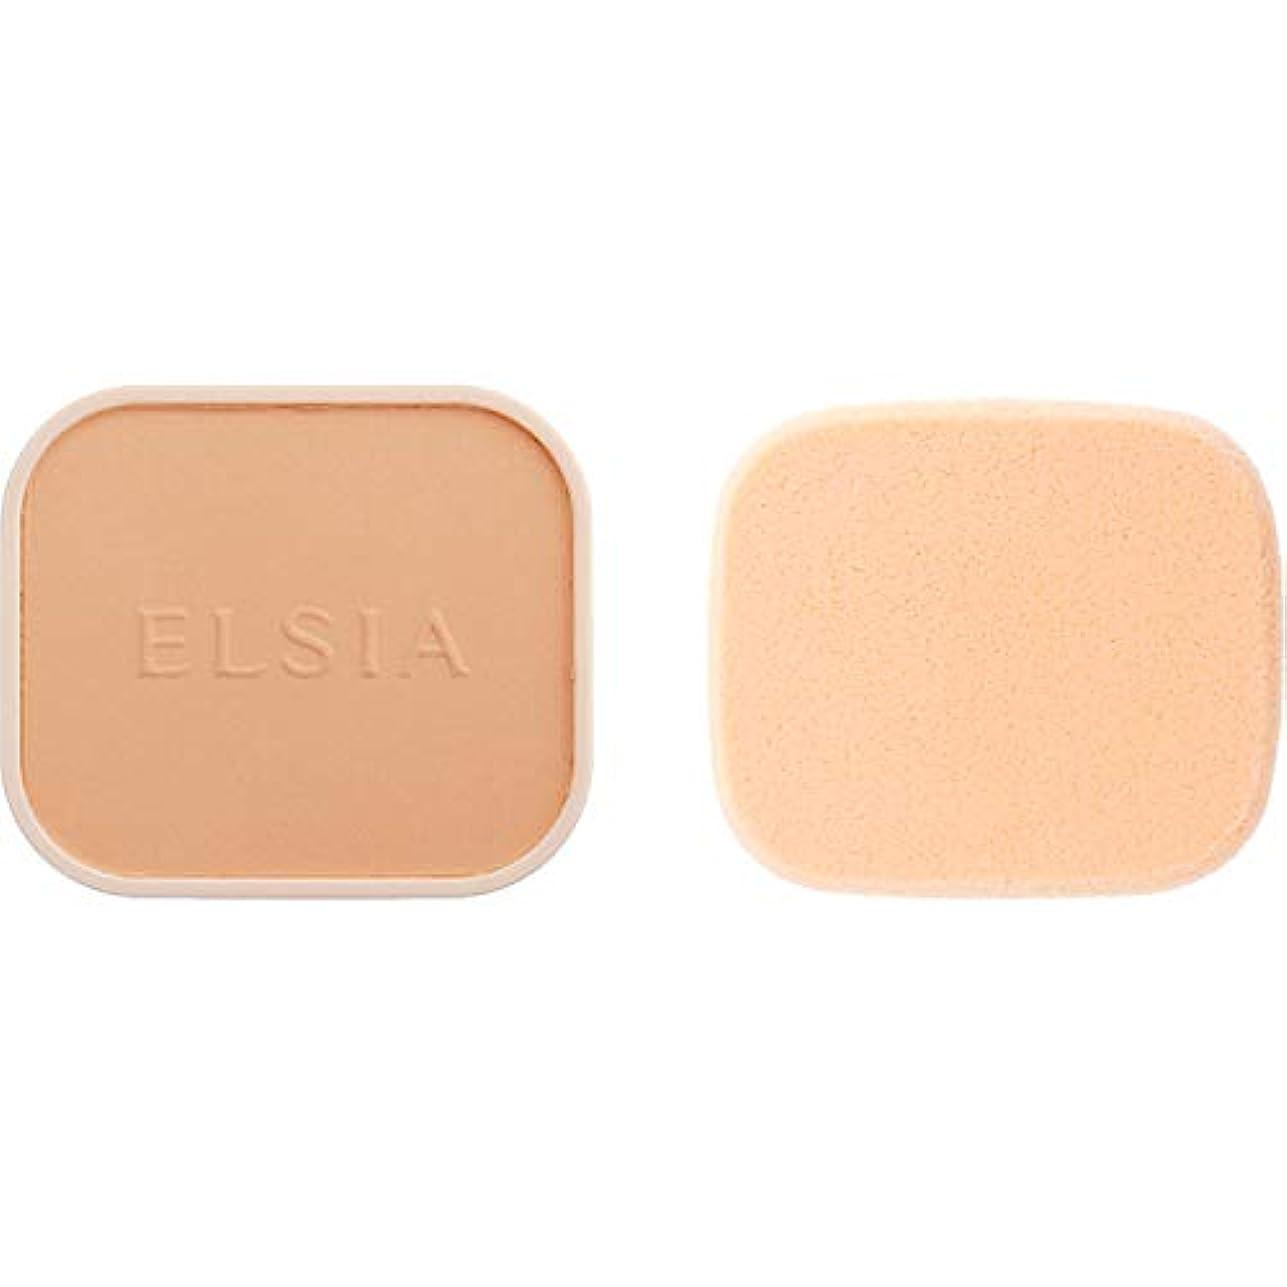 どうやら序文お風呂を持っているエルシア プラチナム ホワイトニング ファンデーション(レフィル) オークル 405 9.3g